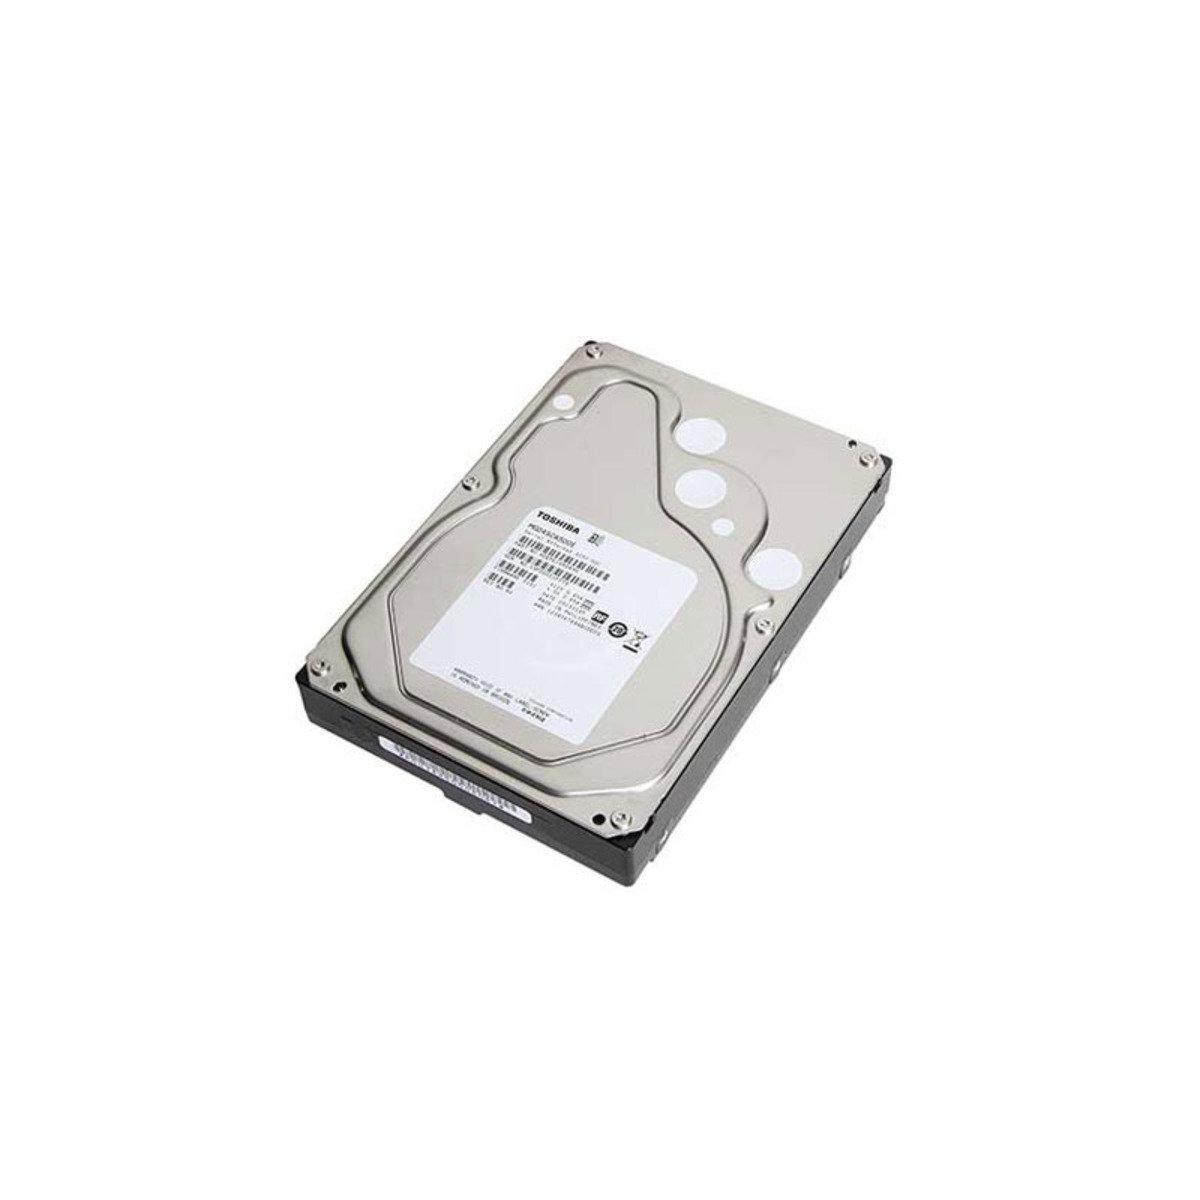 3.5吋 6TB SATA 6Gb/s 桌上型電腦 內置硬碟 MD04ACA600